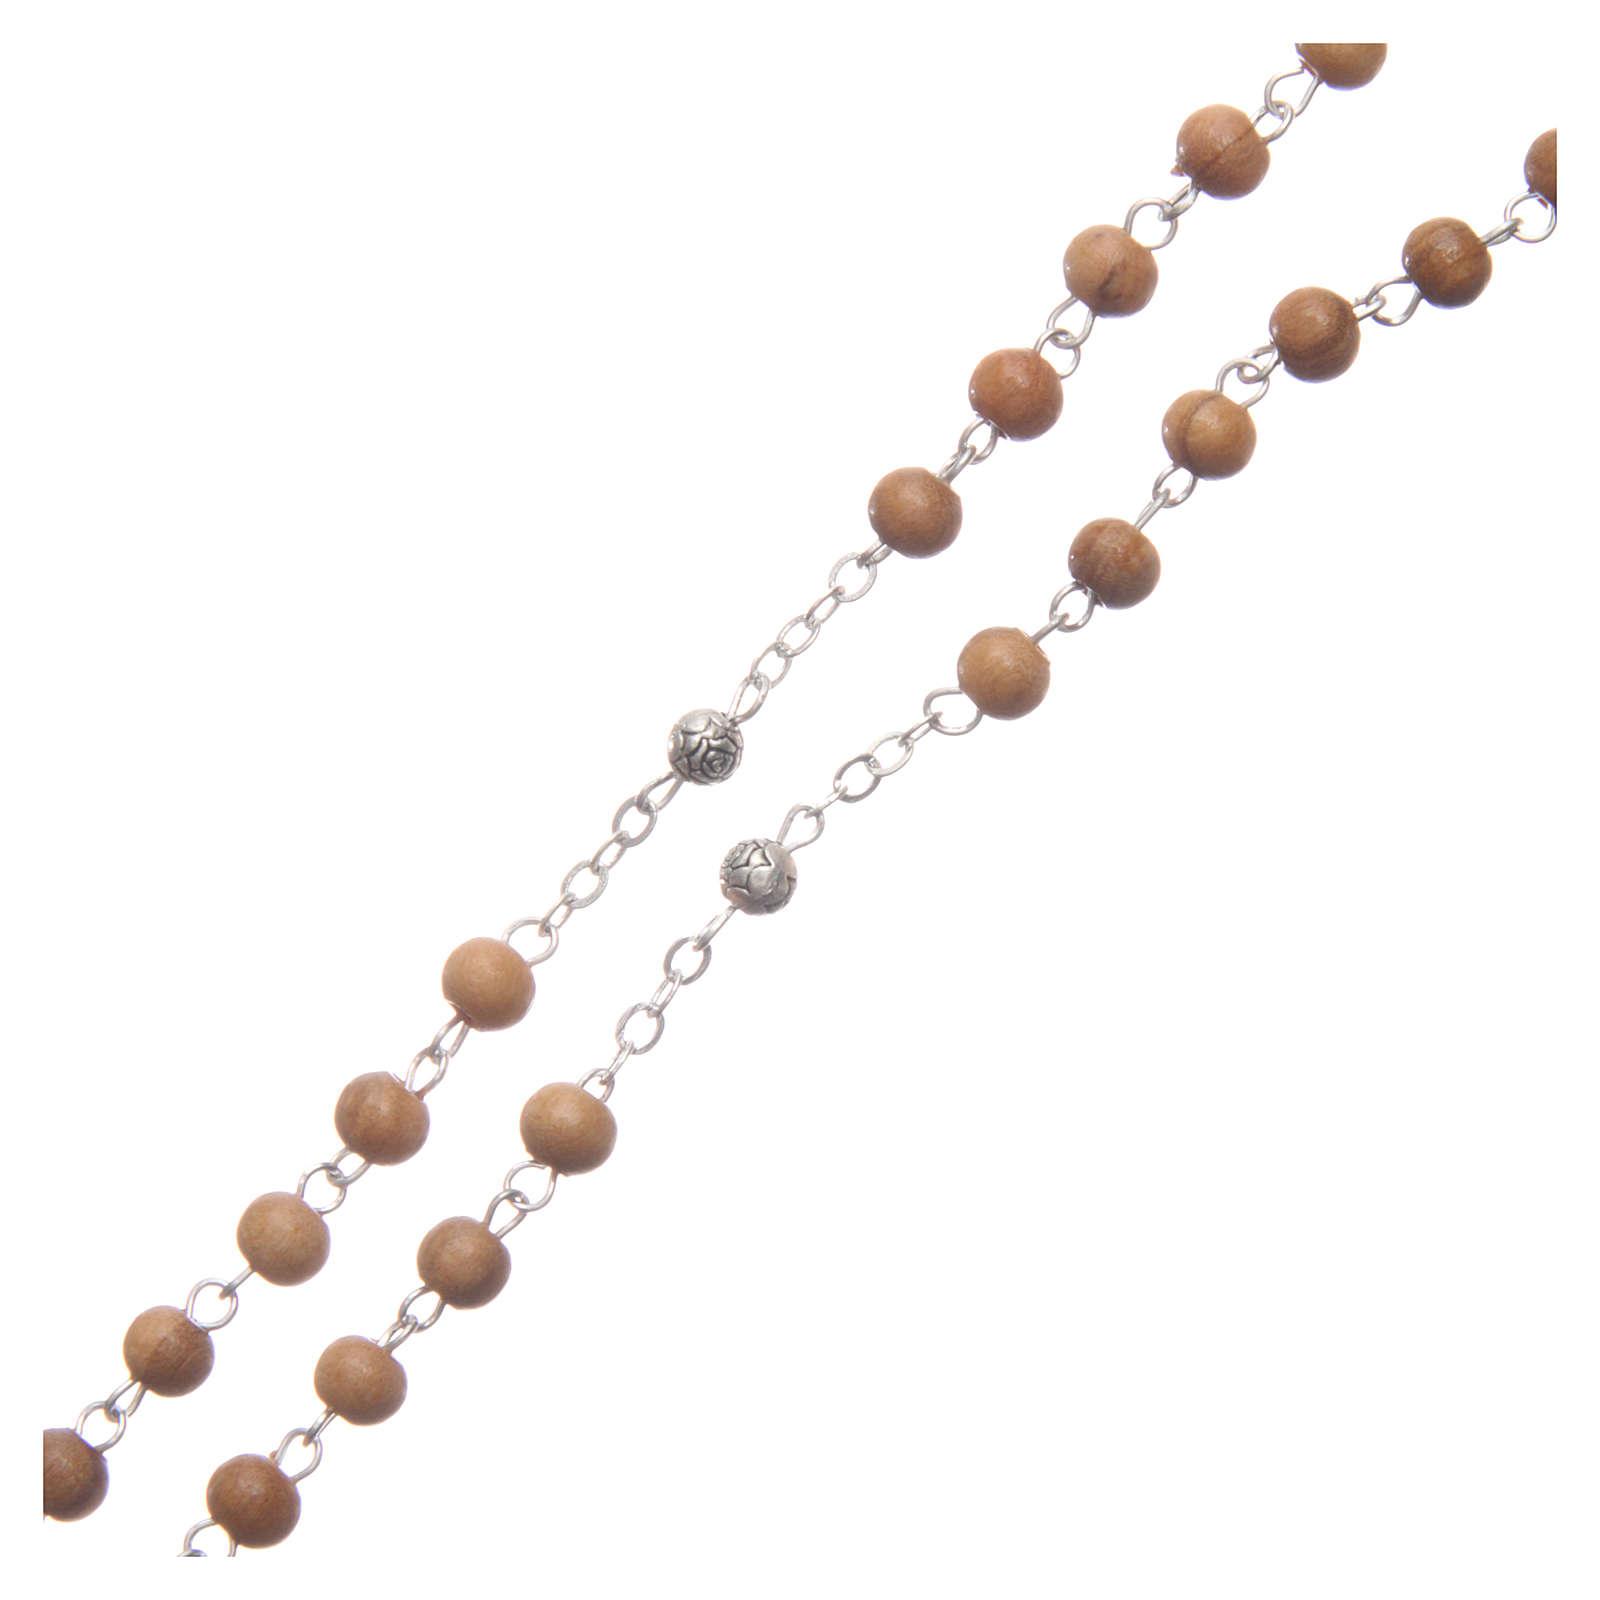 Szkatułka owalna z drewna oliwnego z różańcem z drewna 5 mm 4